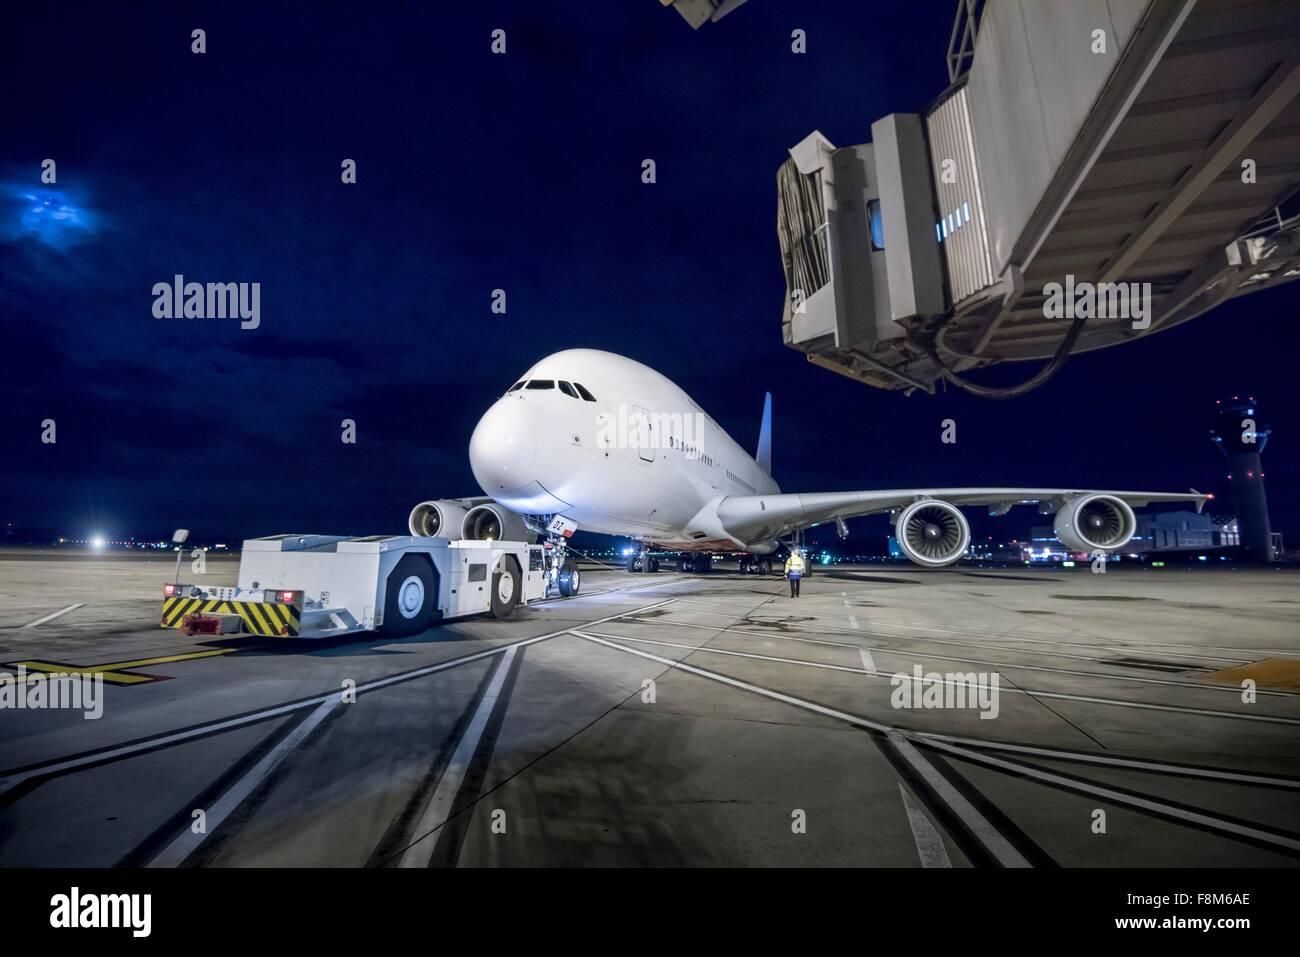 Chefingenieur mit A380-Flugzeuge auf der Piste in der Nacht Stockfoto